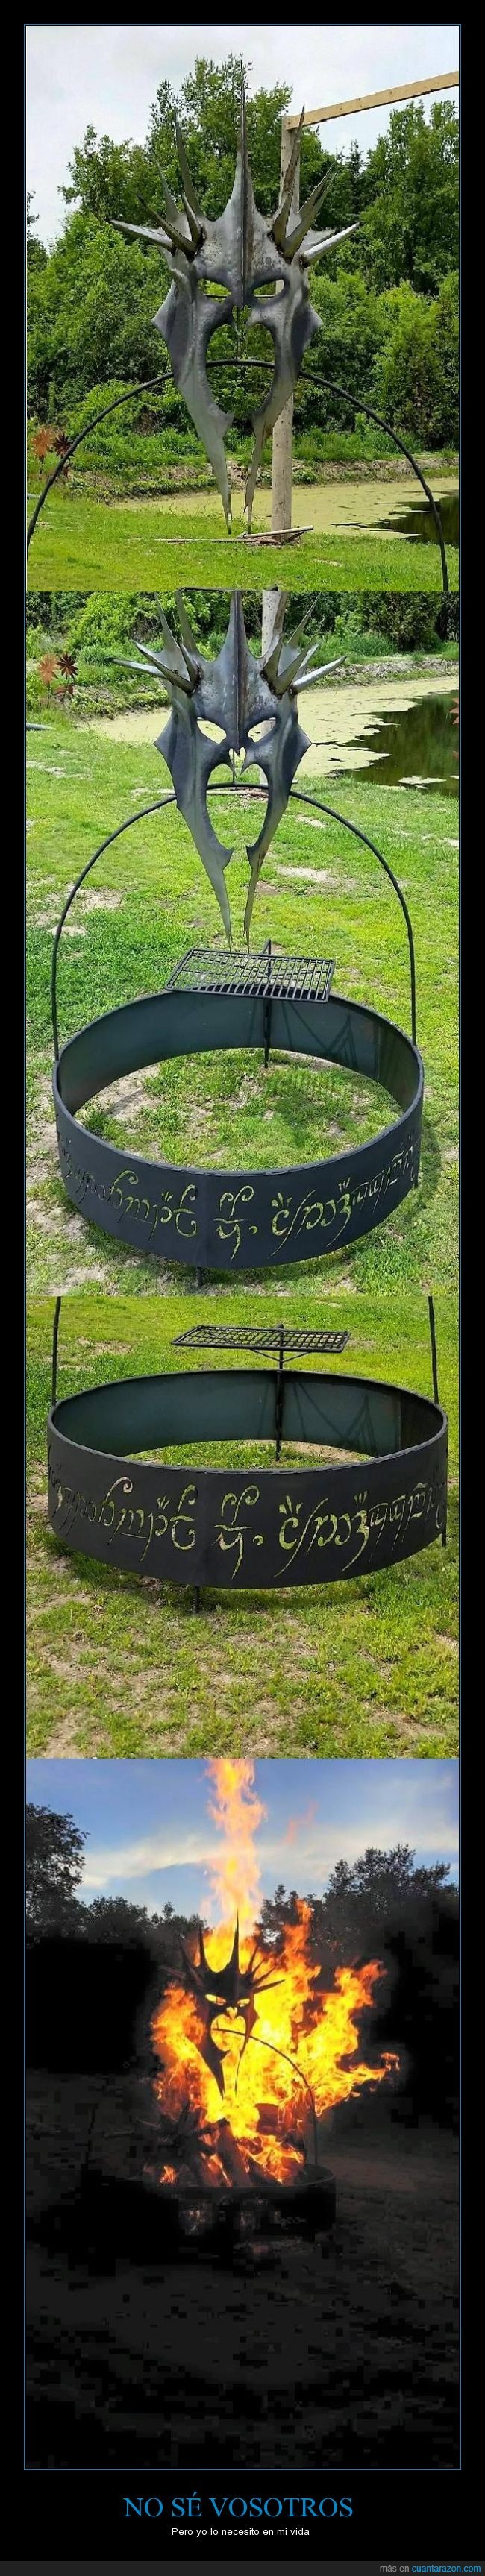 anillo,barbacoa,casco,El señor de los anillos,fuegazo,fuego,hoguera,metak,Nazgul